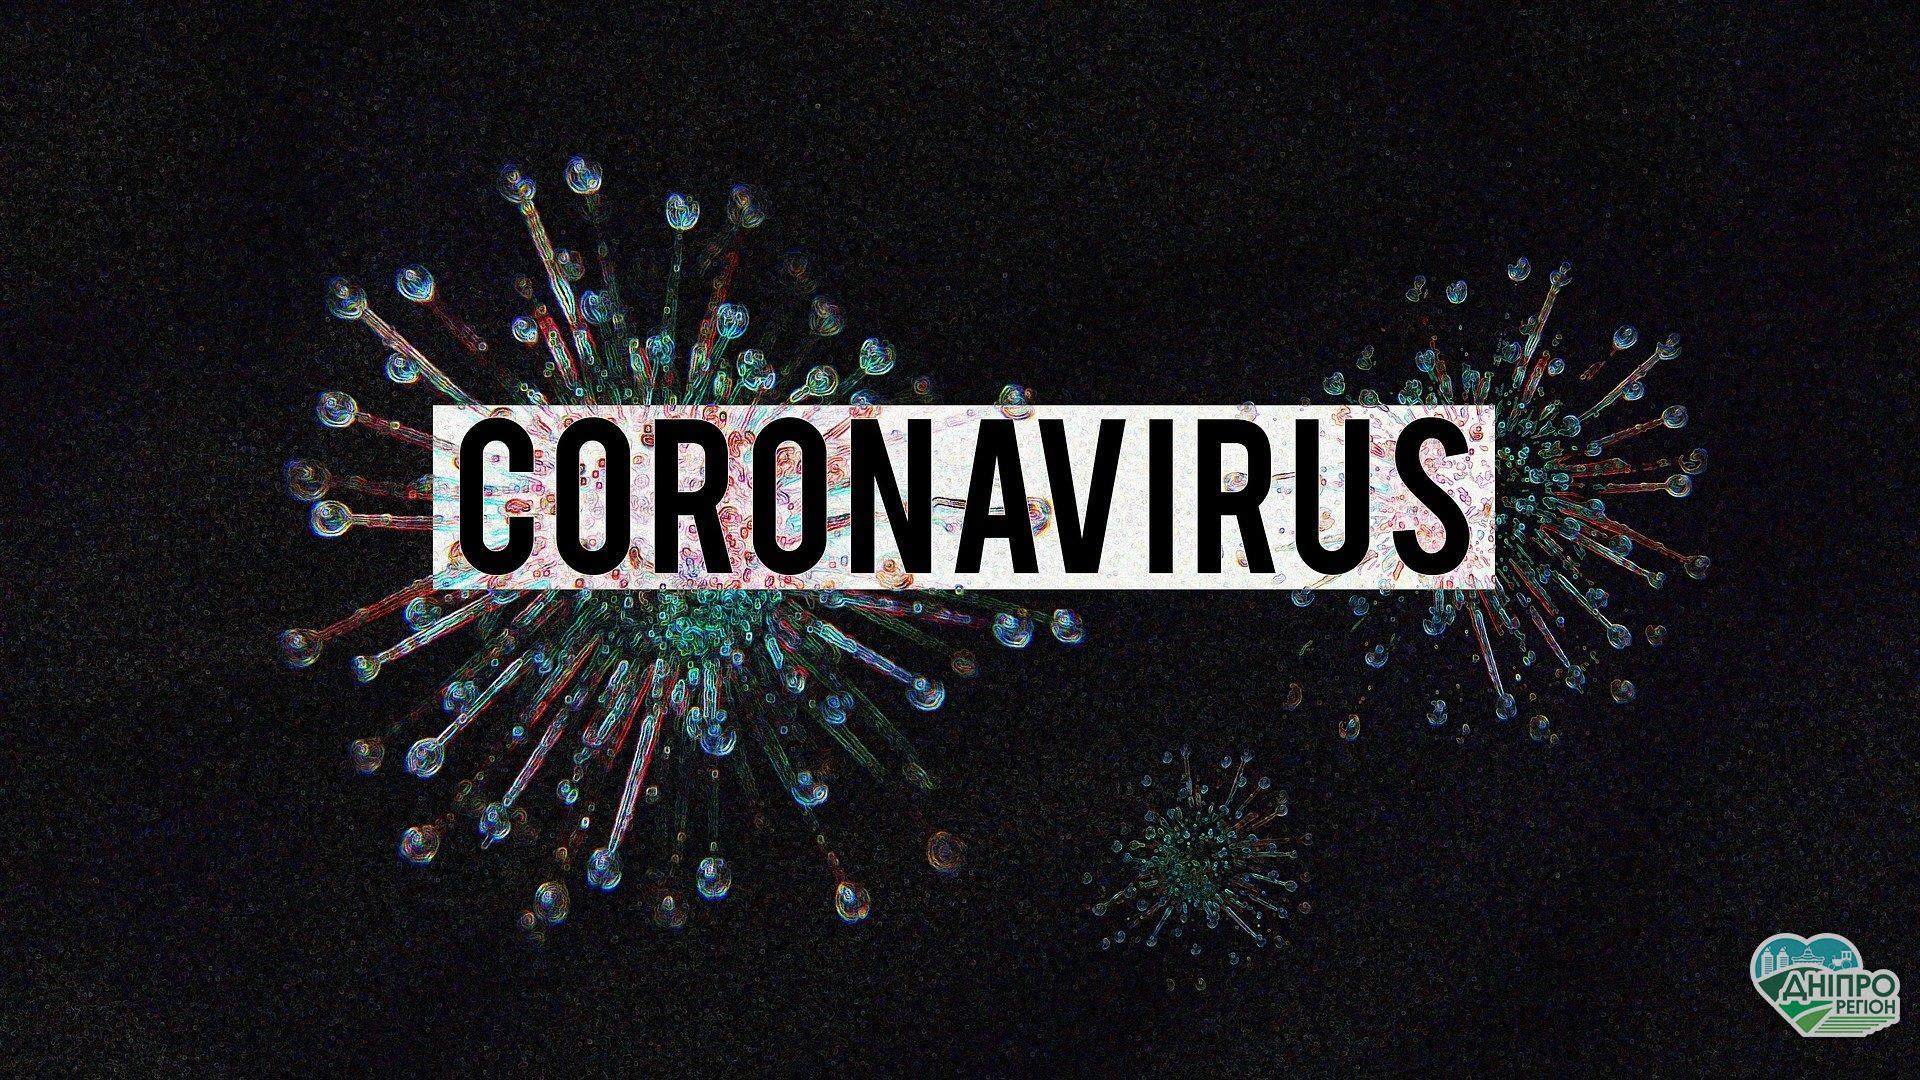 Названо ознаку важкої форми коронавірусу